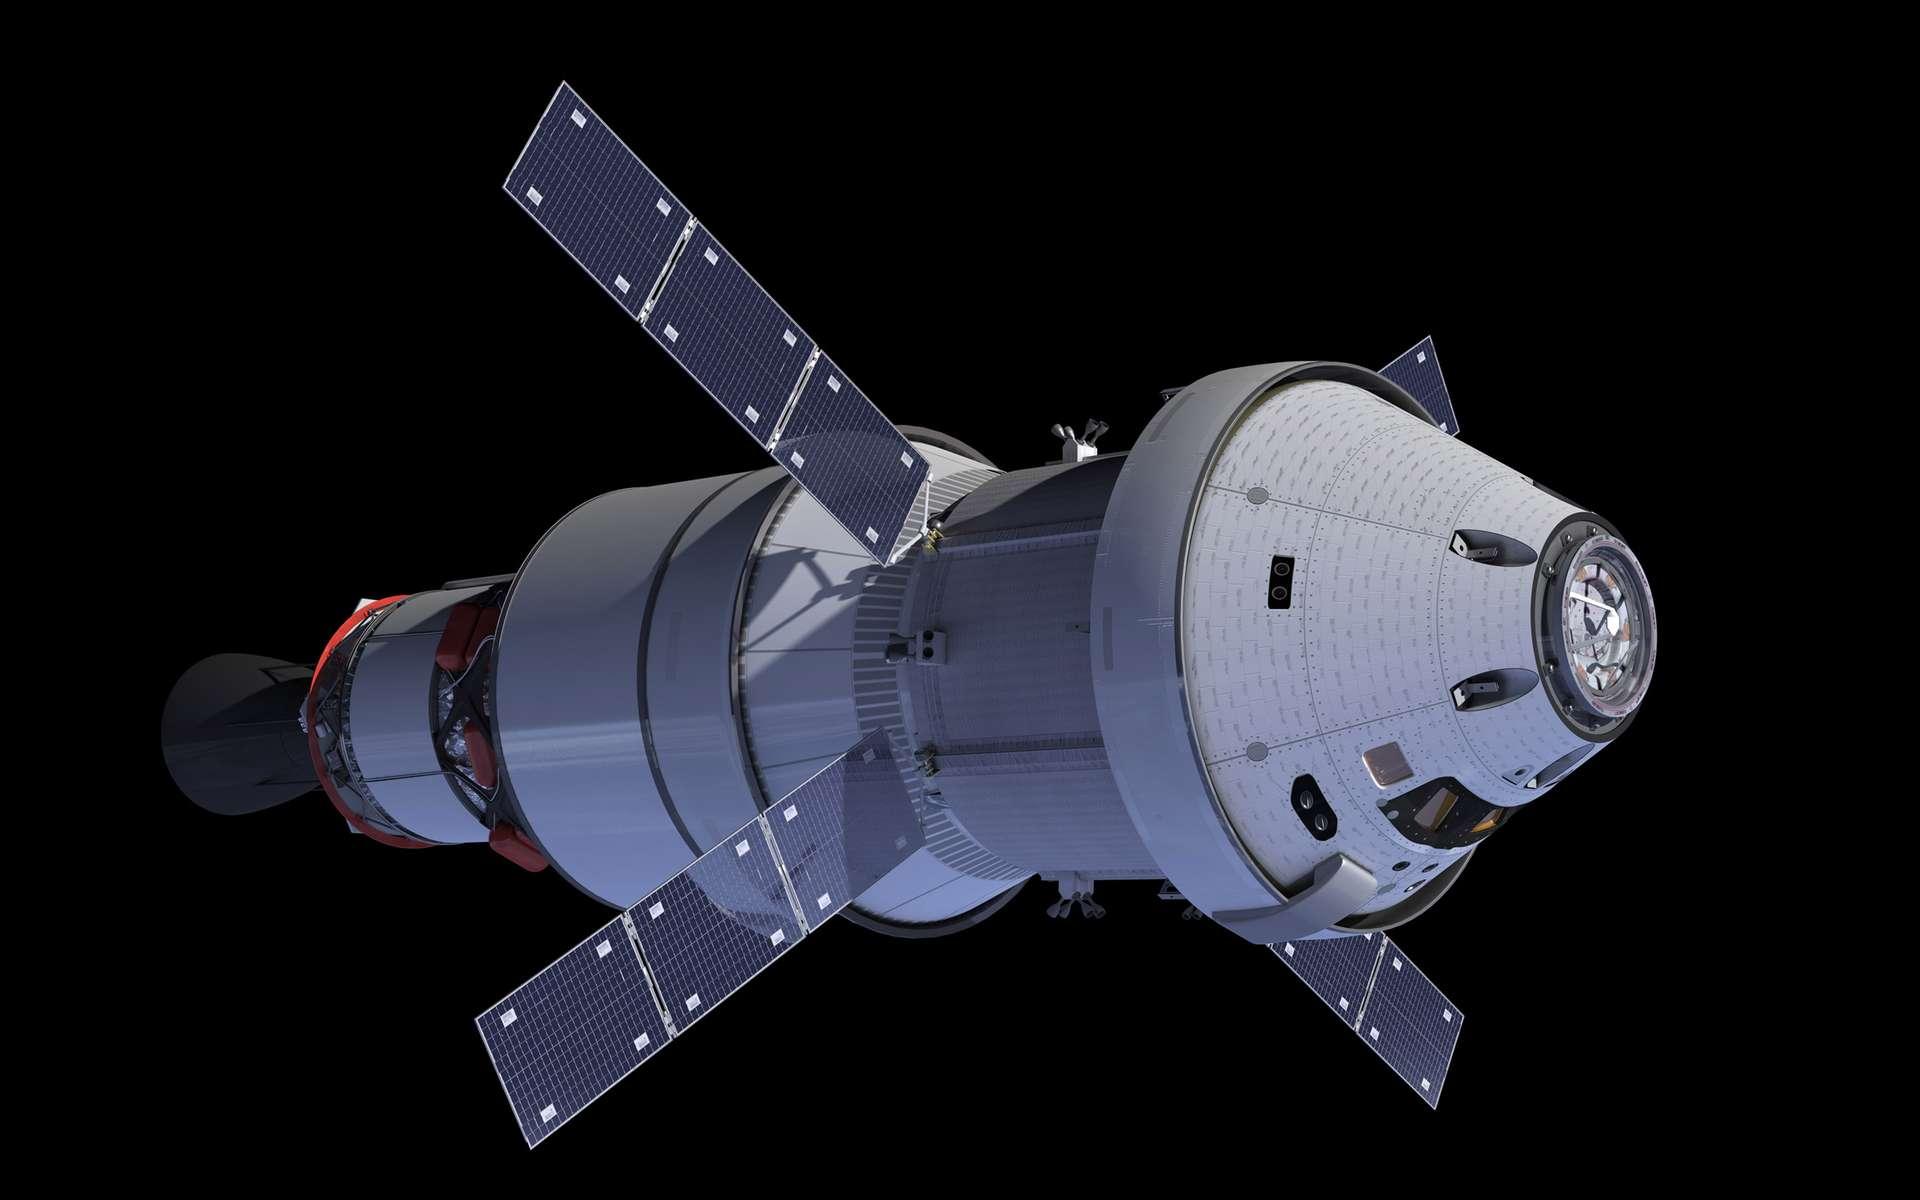 Le véhicule Orion de la Nasa qui sera utilisé pour des voyages à destination de la Lune, voire Mars. © Nasa